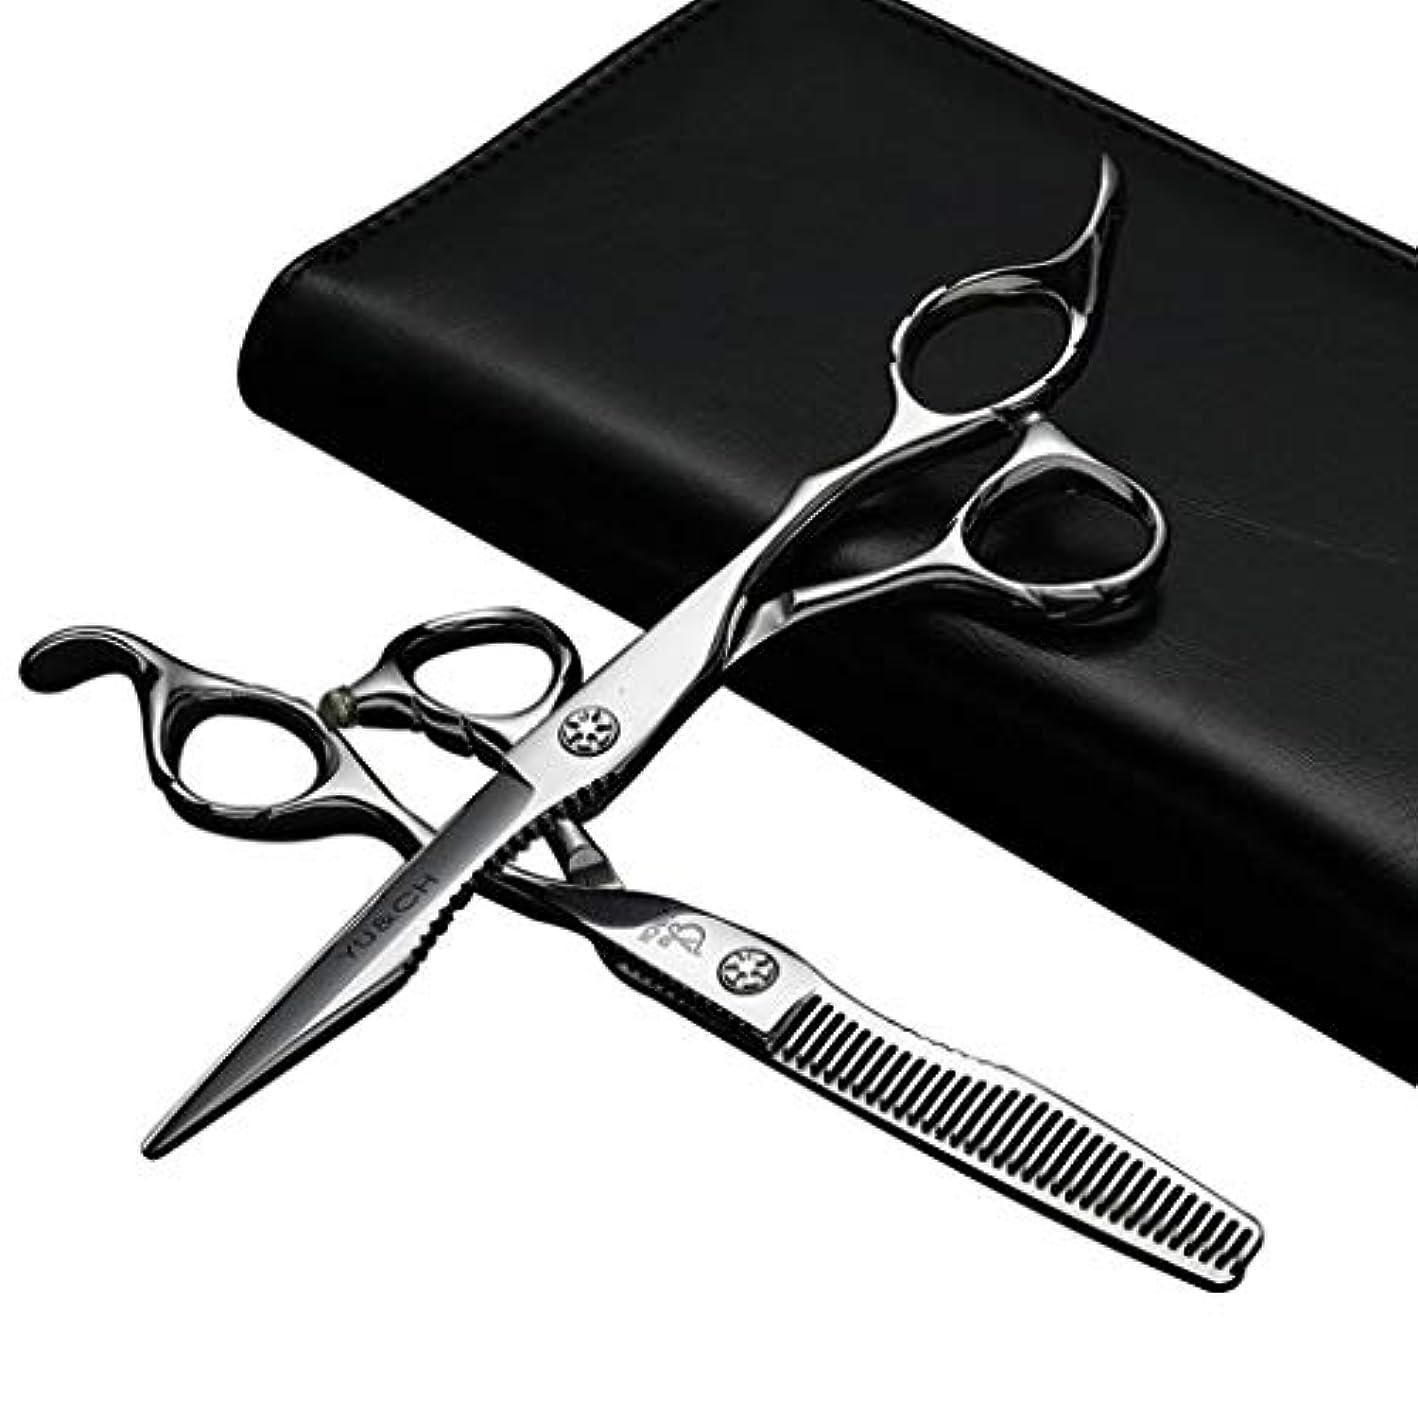 家庭教師欺収穫6インチのはさみの専門、理髪師のはさみ、理髪はさみは薄くし、形を整えるために設定します/耐久性のあるステンレス鋼の毛の切断のはさみ多目的はさみ